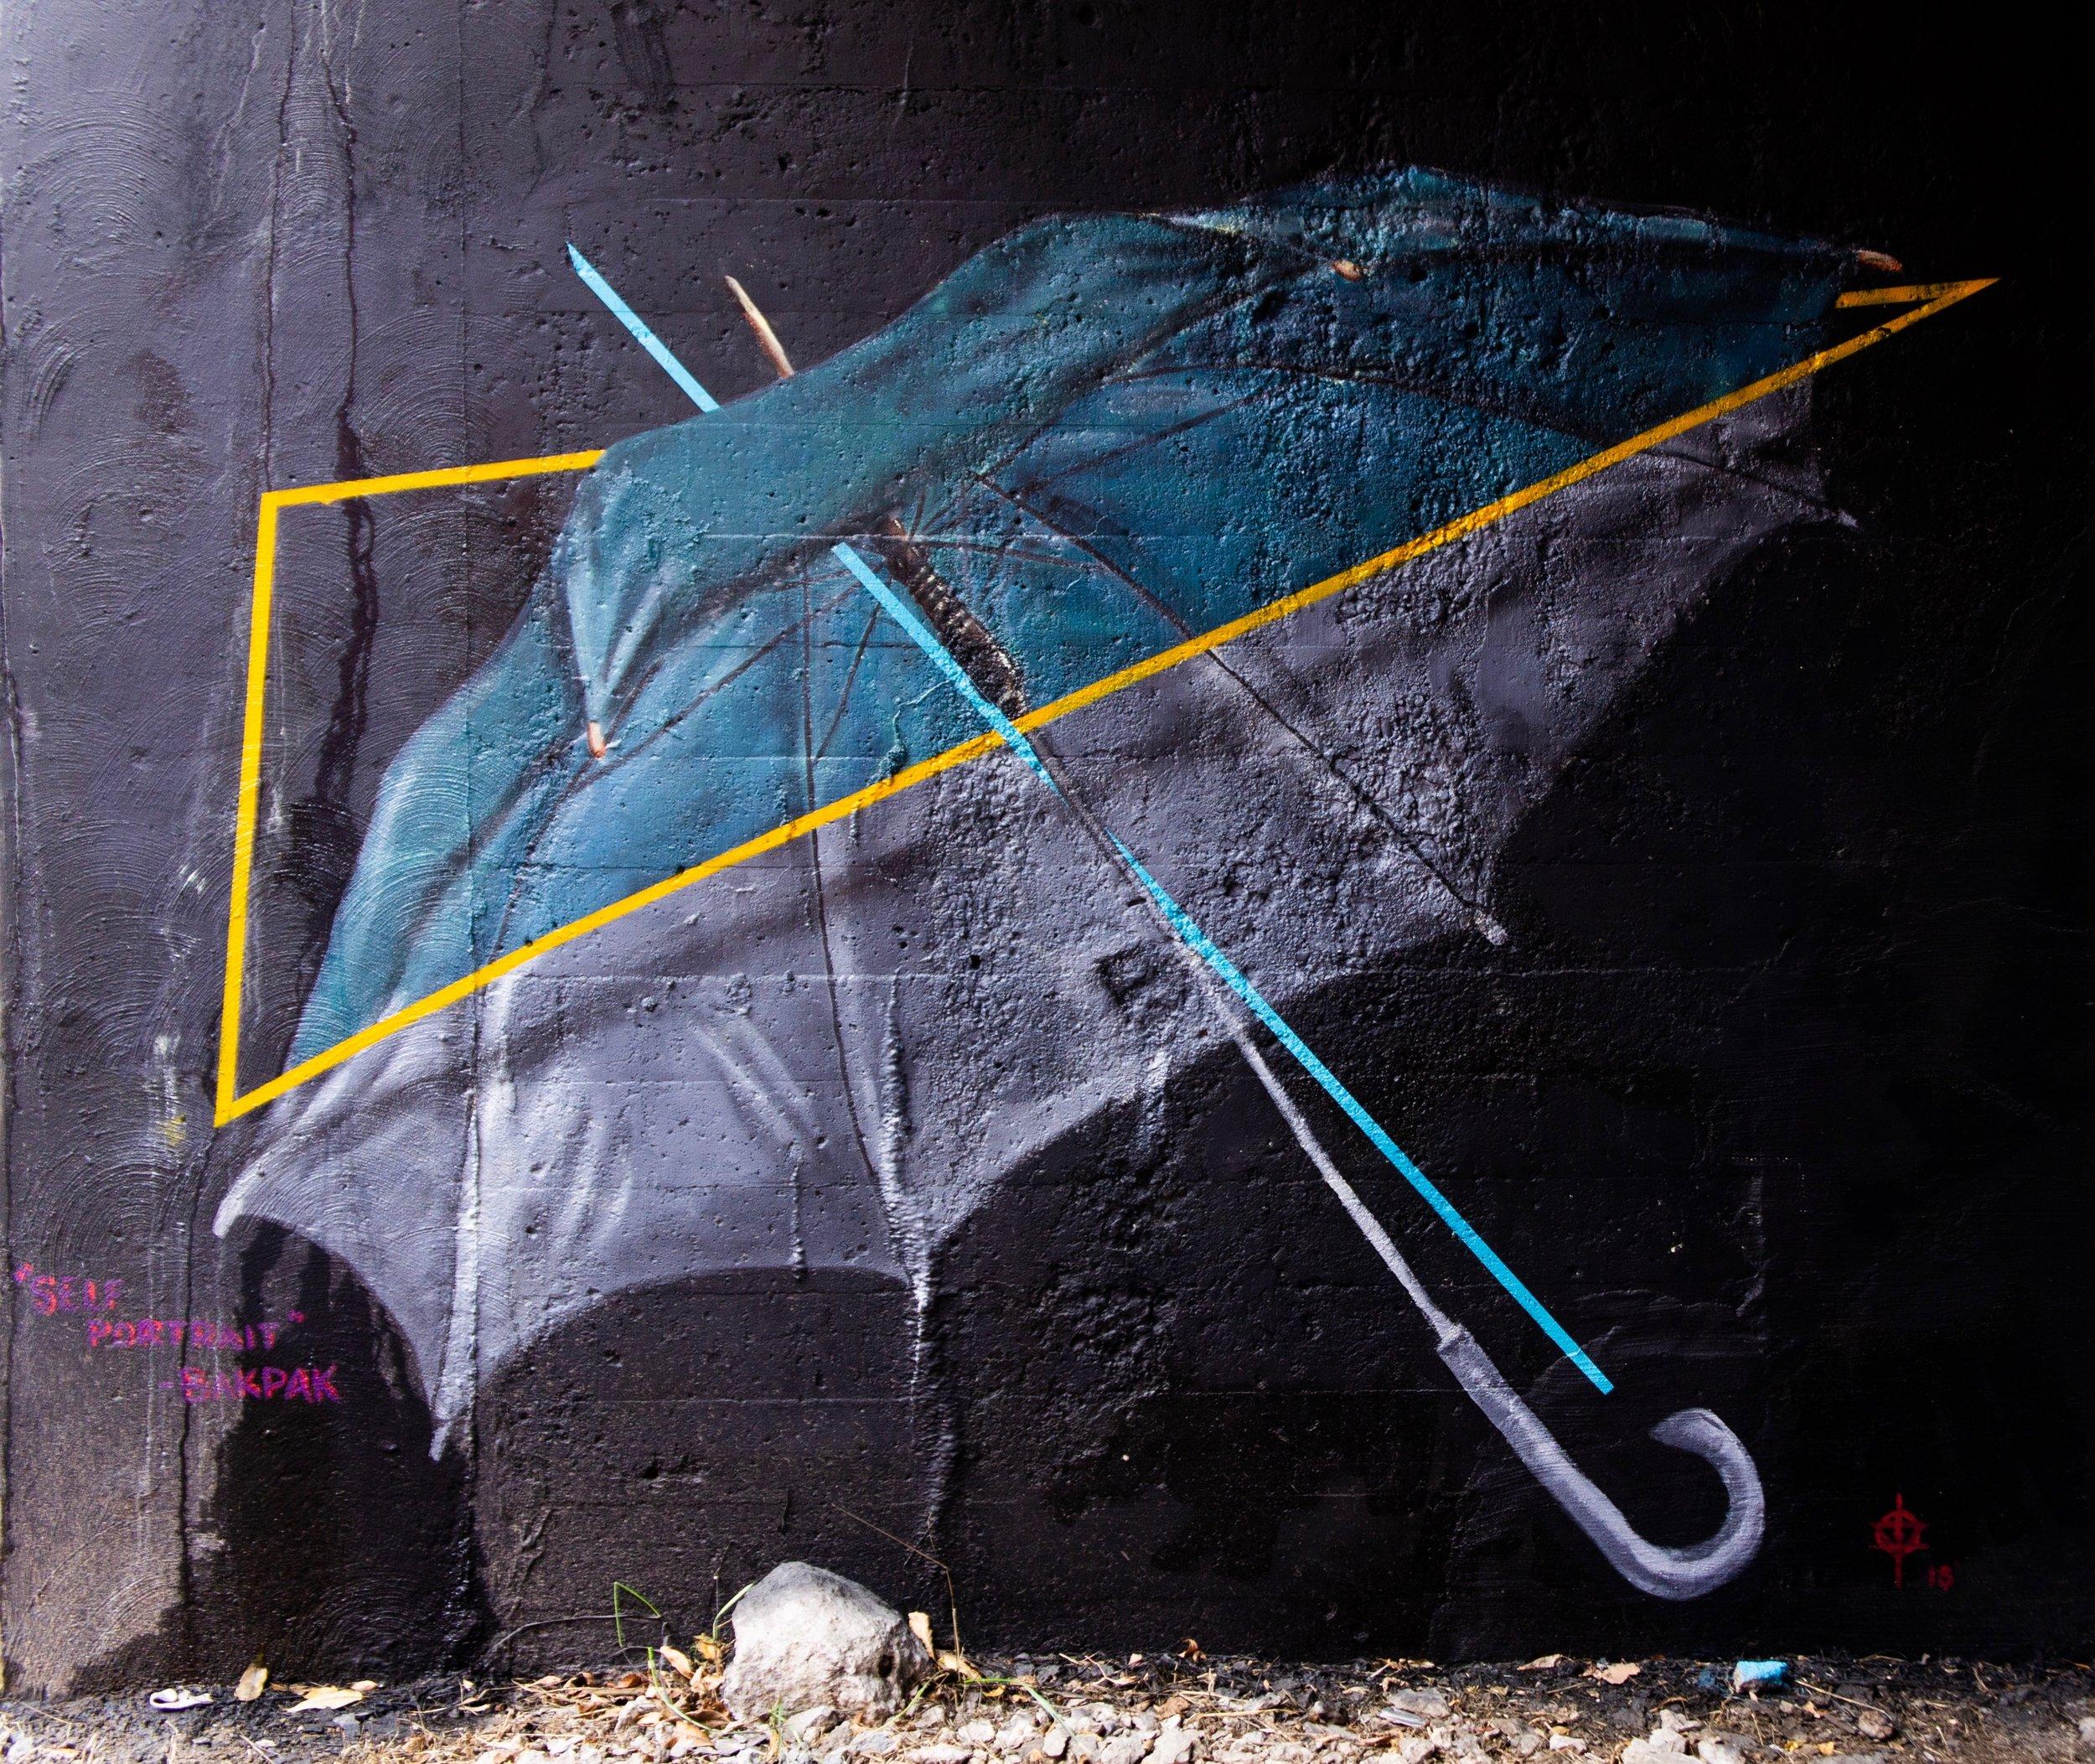 Bakpak Durden - Self Portrait: Umbrella